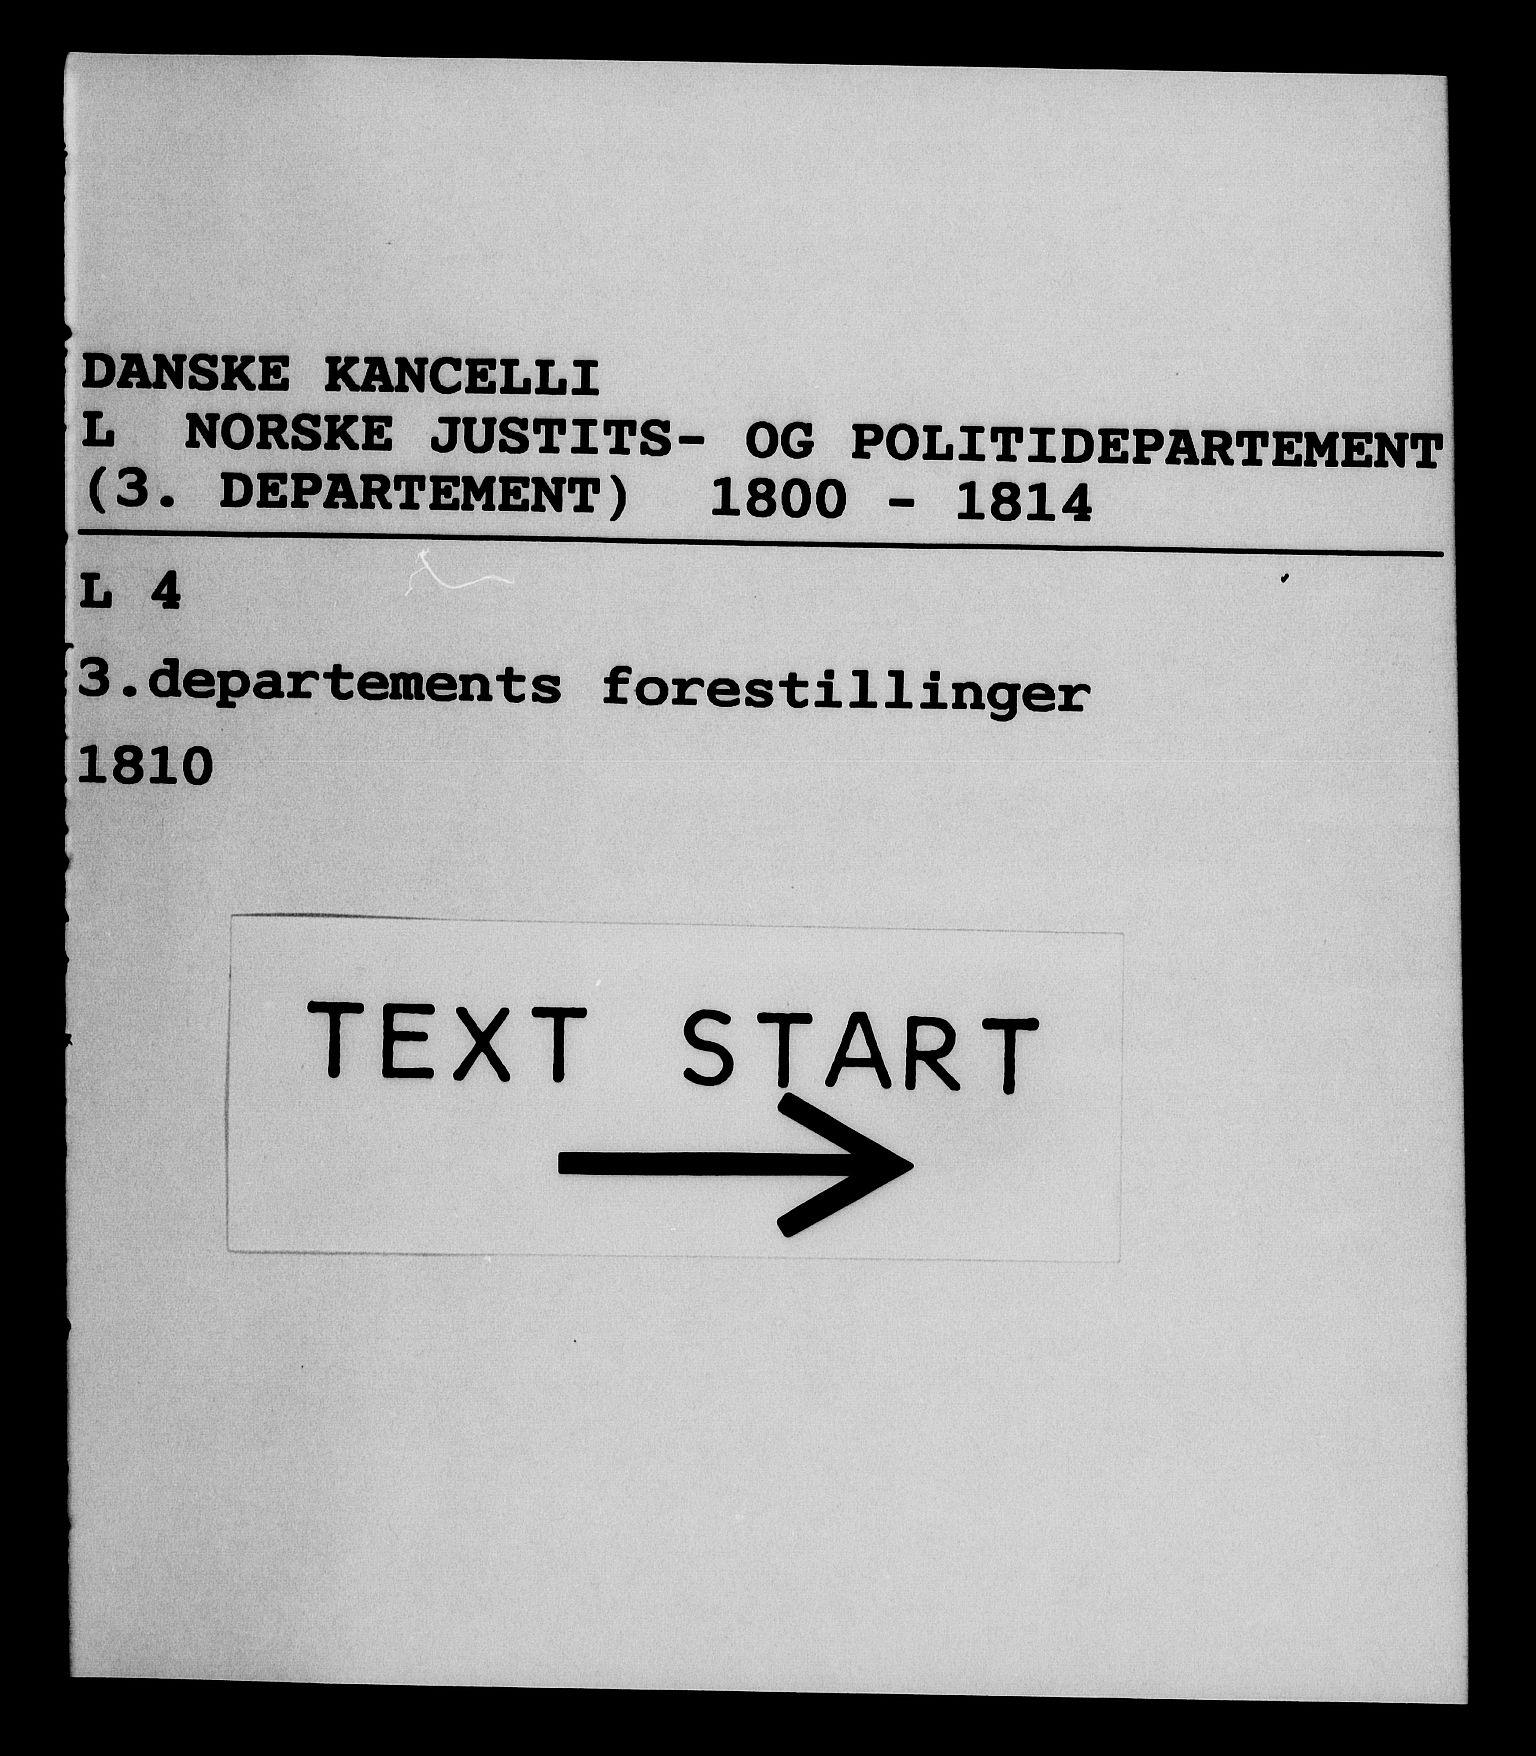 RA, Danske Kanselli 1800-1814, H/Hf/Hfa/Hfab/L0011: Forestillinger, 1810